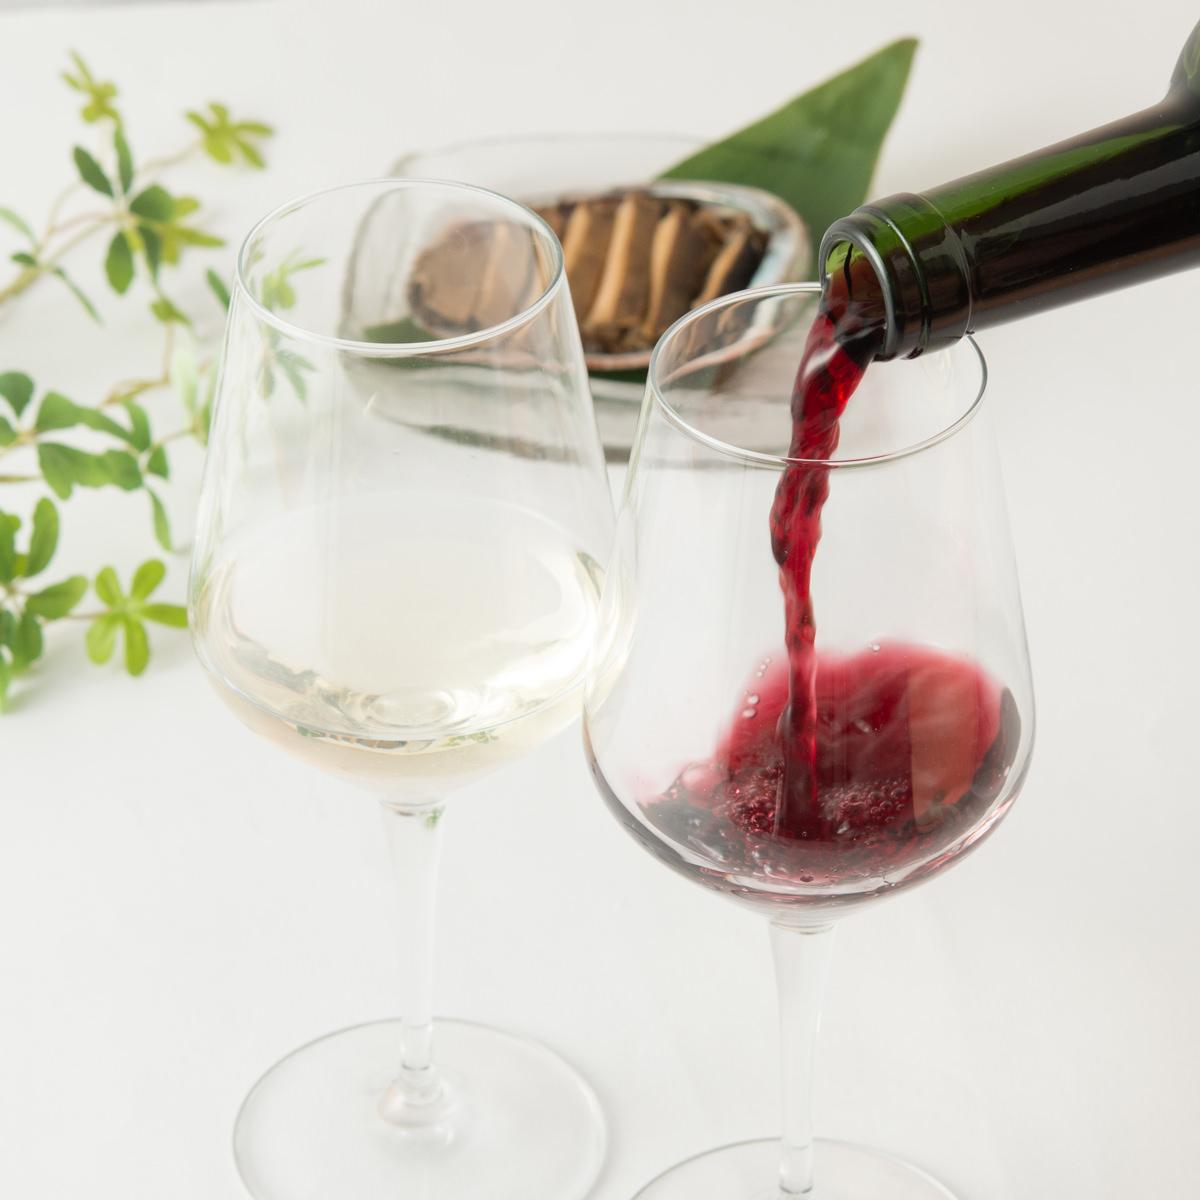 送料無料 アートワインと鮑の煮貝ギフトセット 白ワイン 赤ワイン オードブル おしゃれ 常温 食品 紅白 ワイン 750ml 株式会社ギフトセンターコスモス 山梨県 日本ワイン